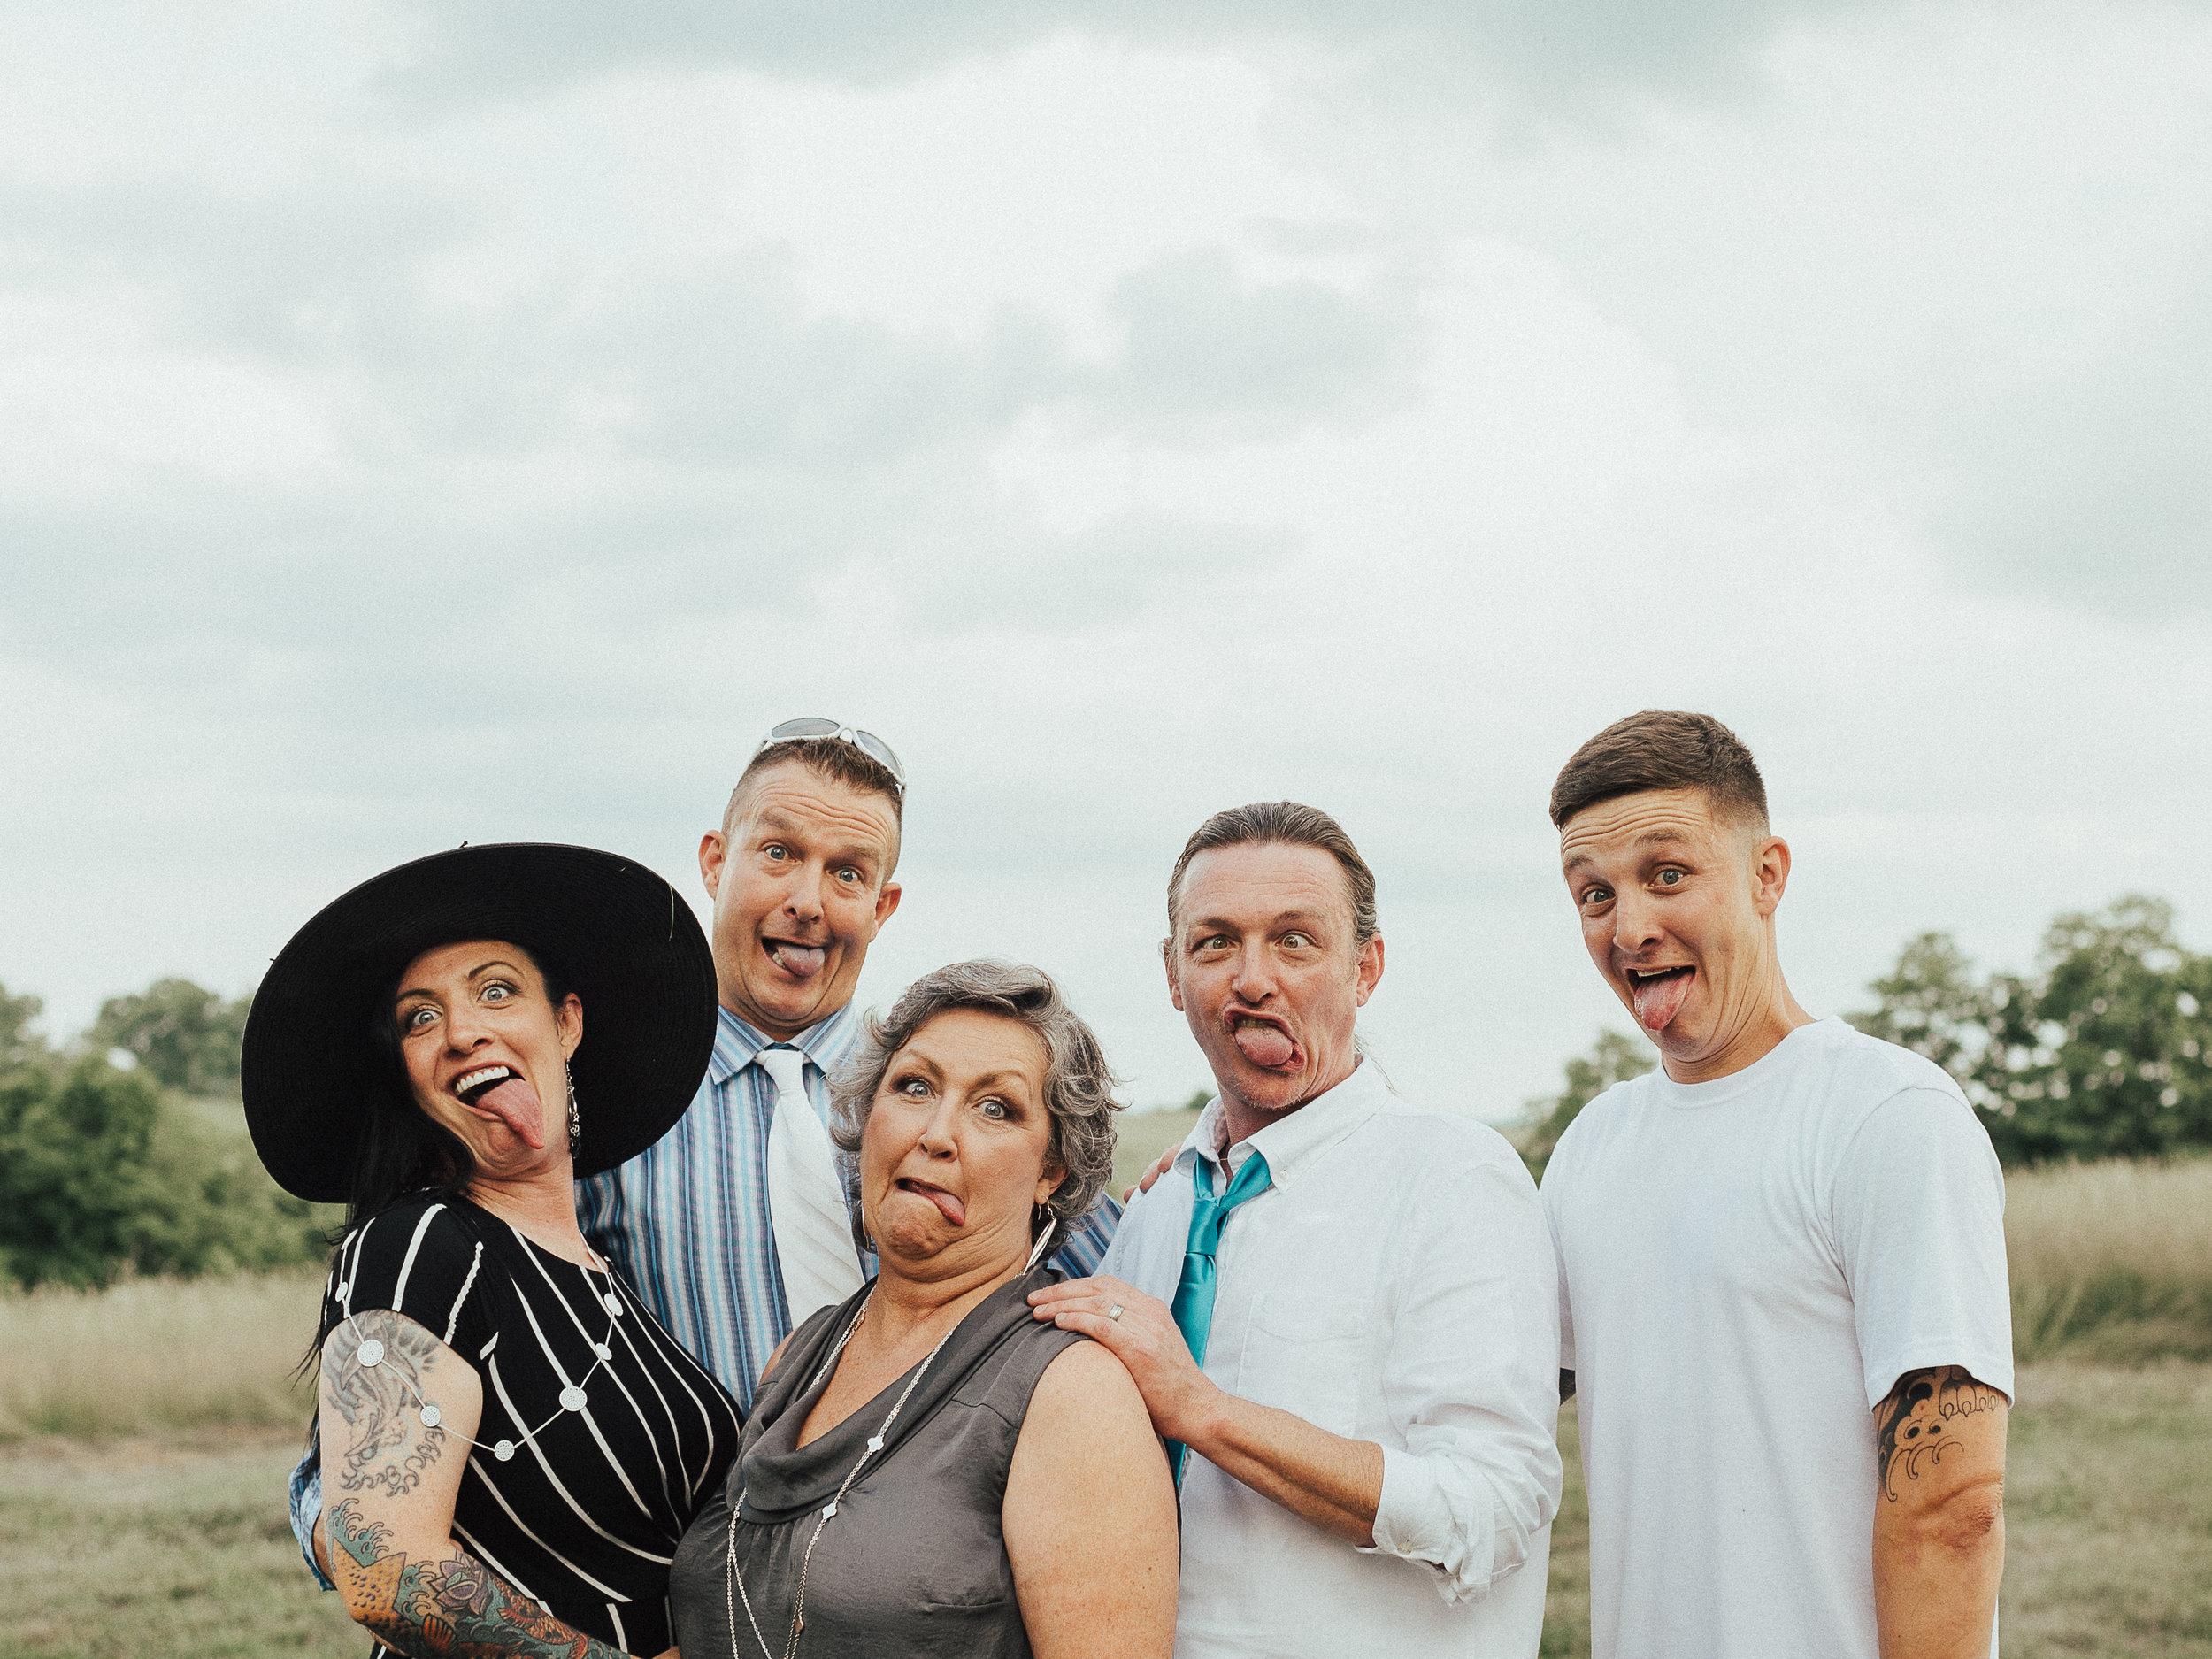 Lexington Family Photographer Lexington Kentucky Candid Brides